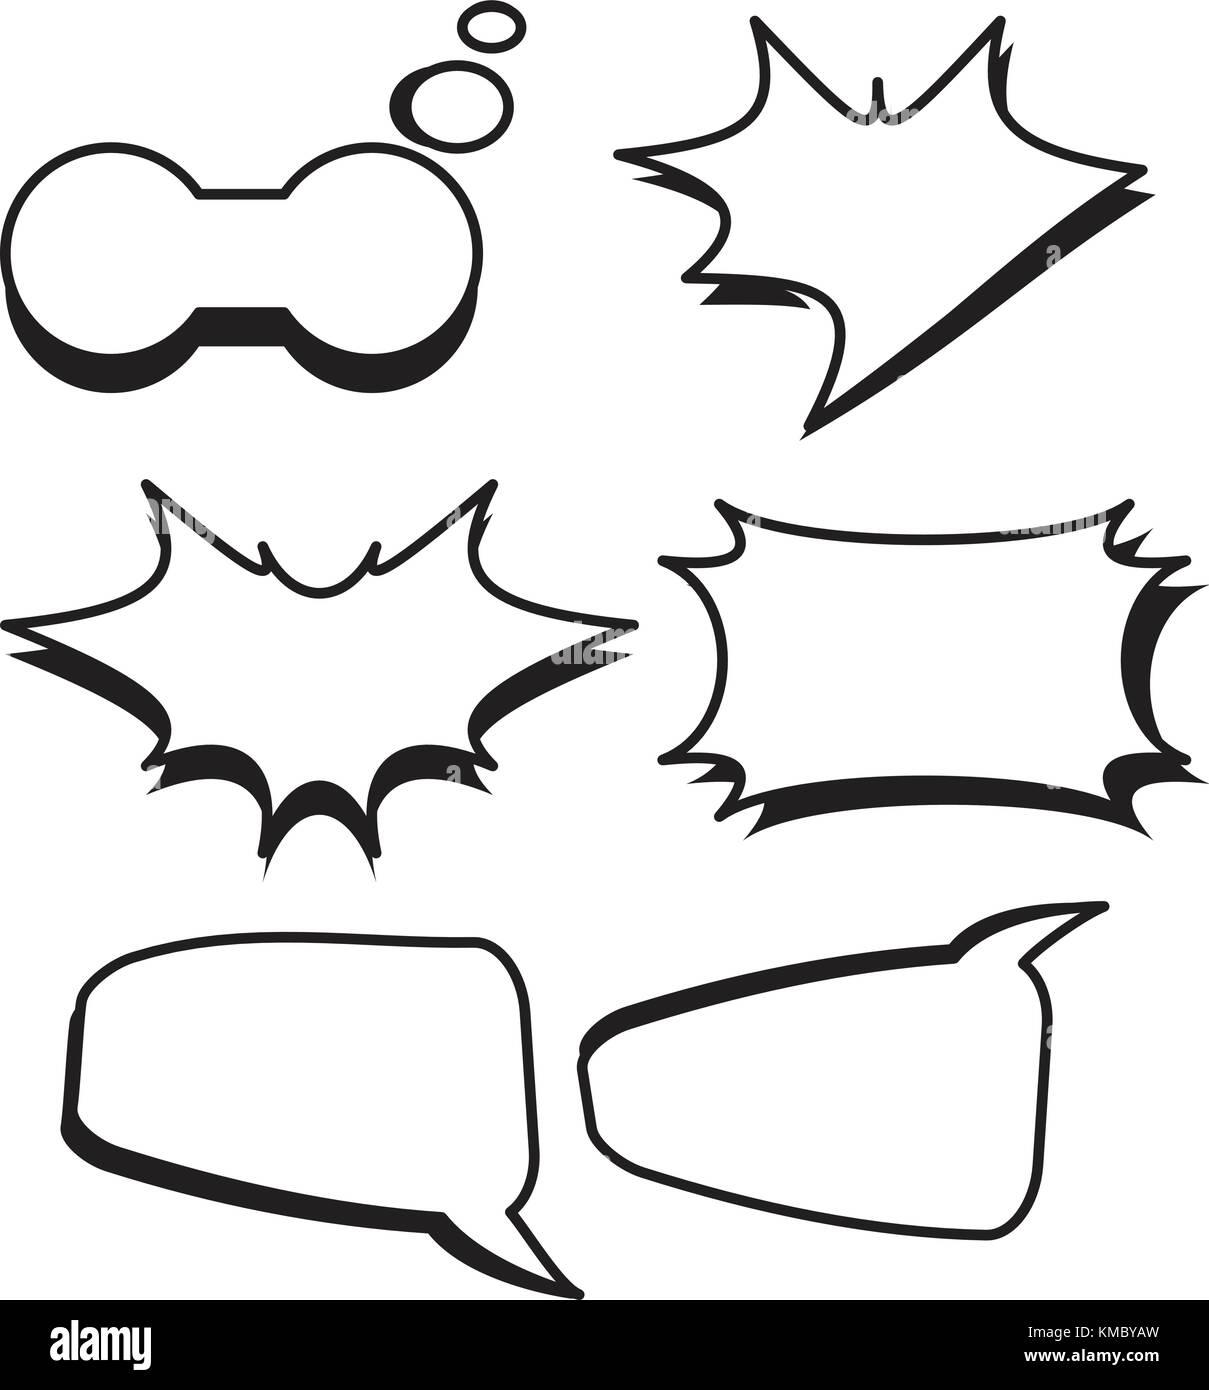 Dibujos Con Cuadros.Burbujas De Dibujos Animados Cuadros De Texto Con Texto Blanco